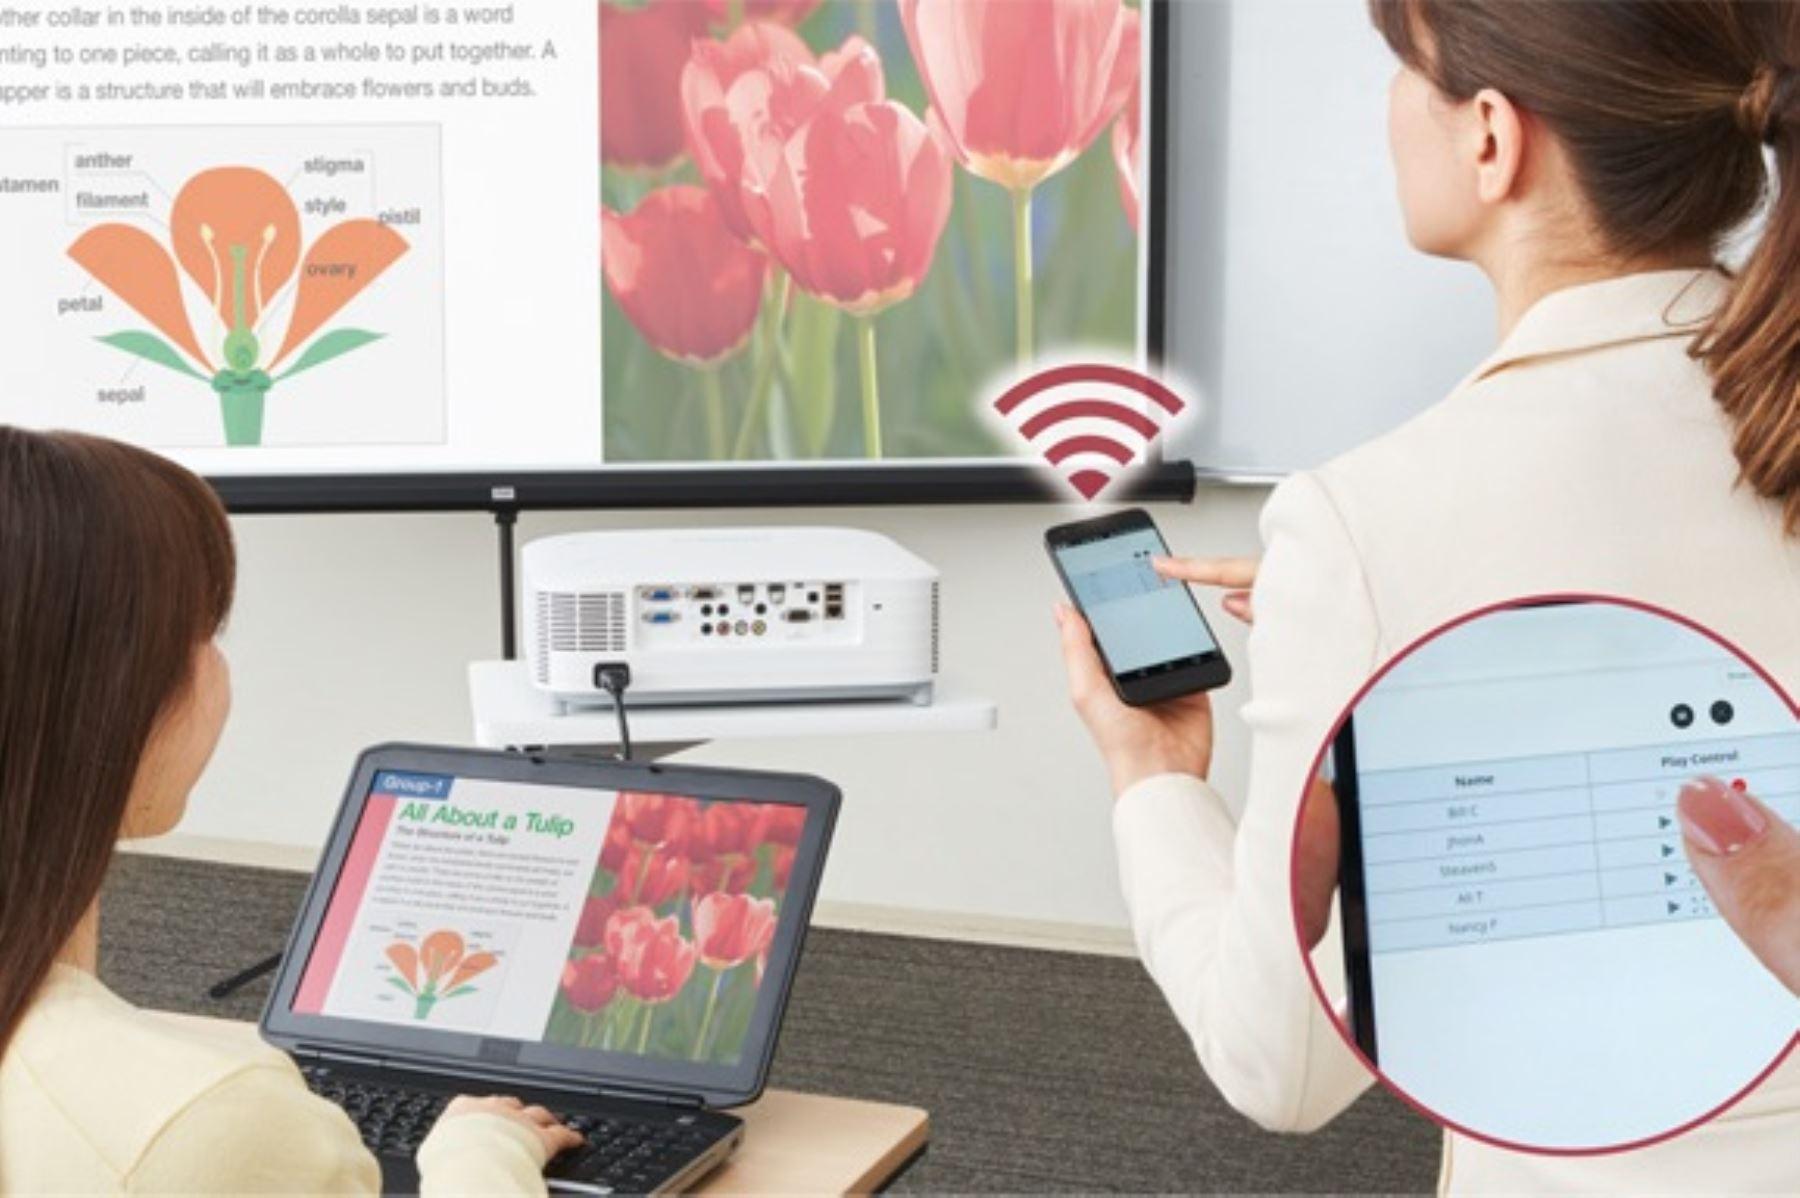 Impulsan tecnología amigable con el ambiente para la educación del futuro. Foto: ANDINA/Difusión.